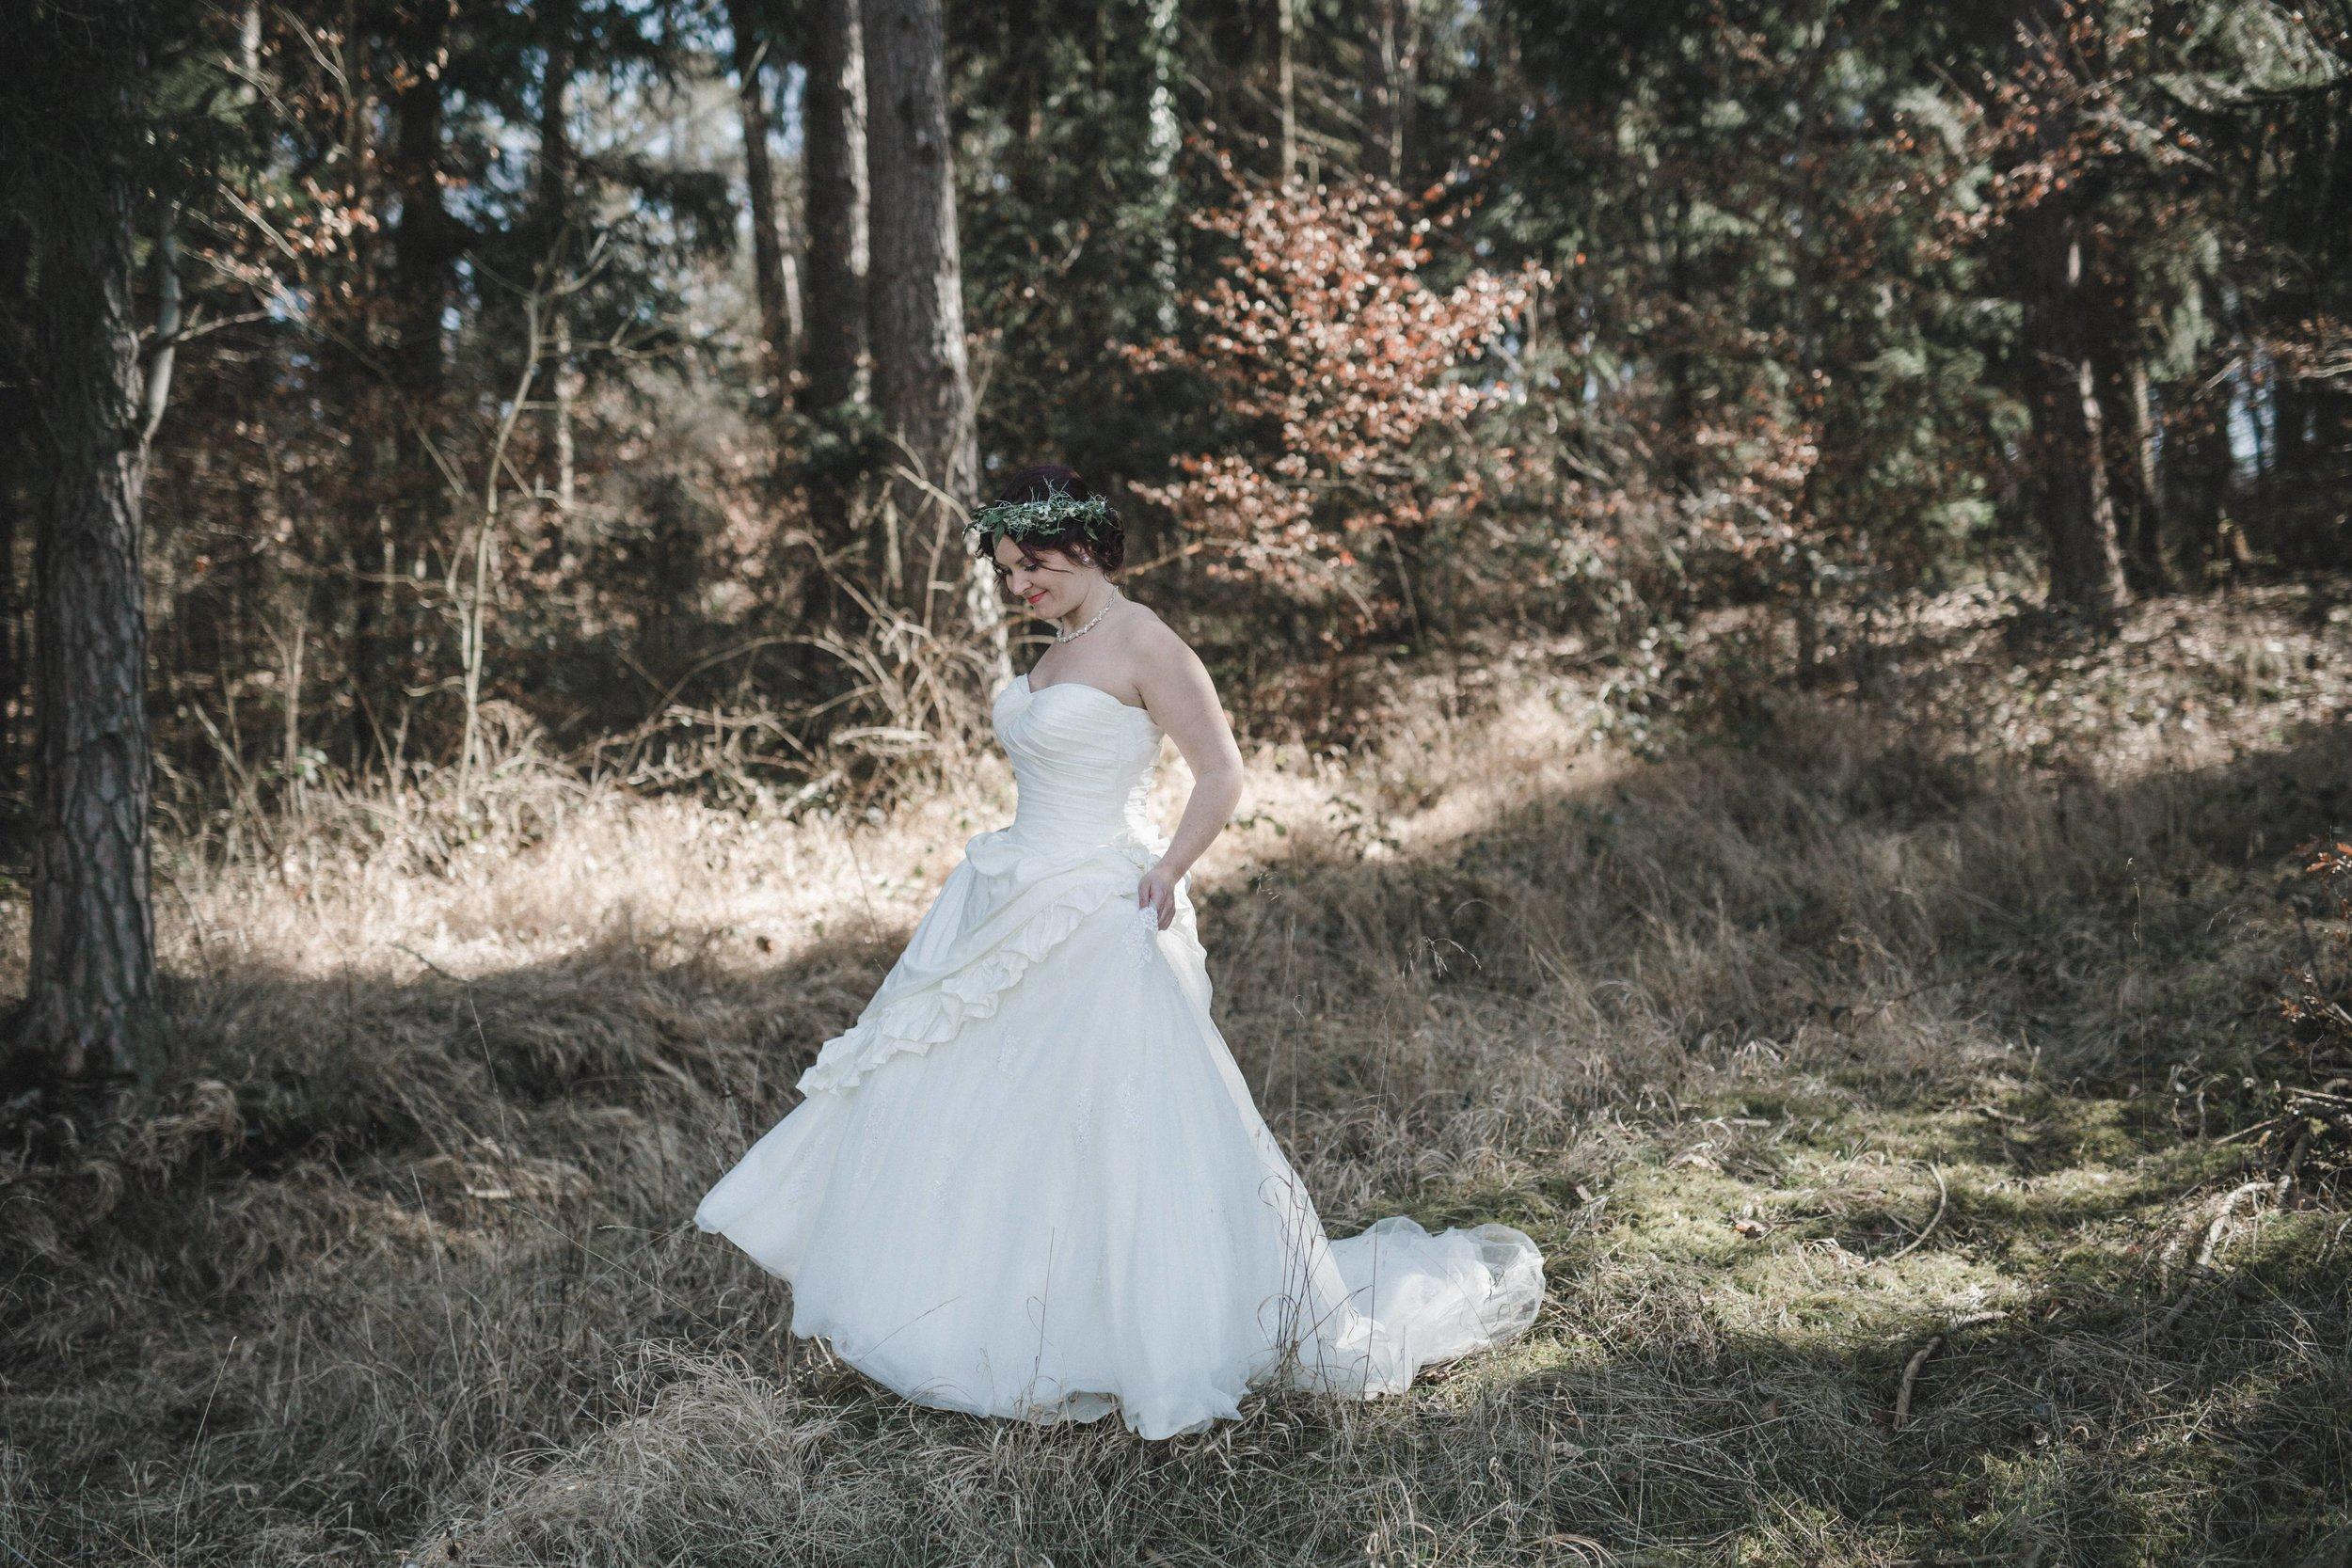 Yessica Baur Fotografie Brautmodeshooting Hirrlingen Spieglein